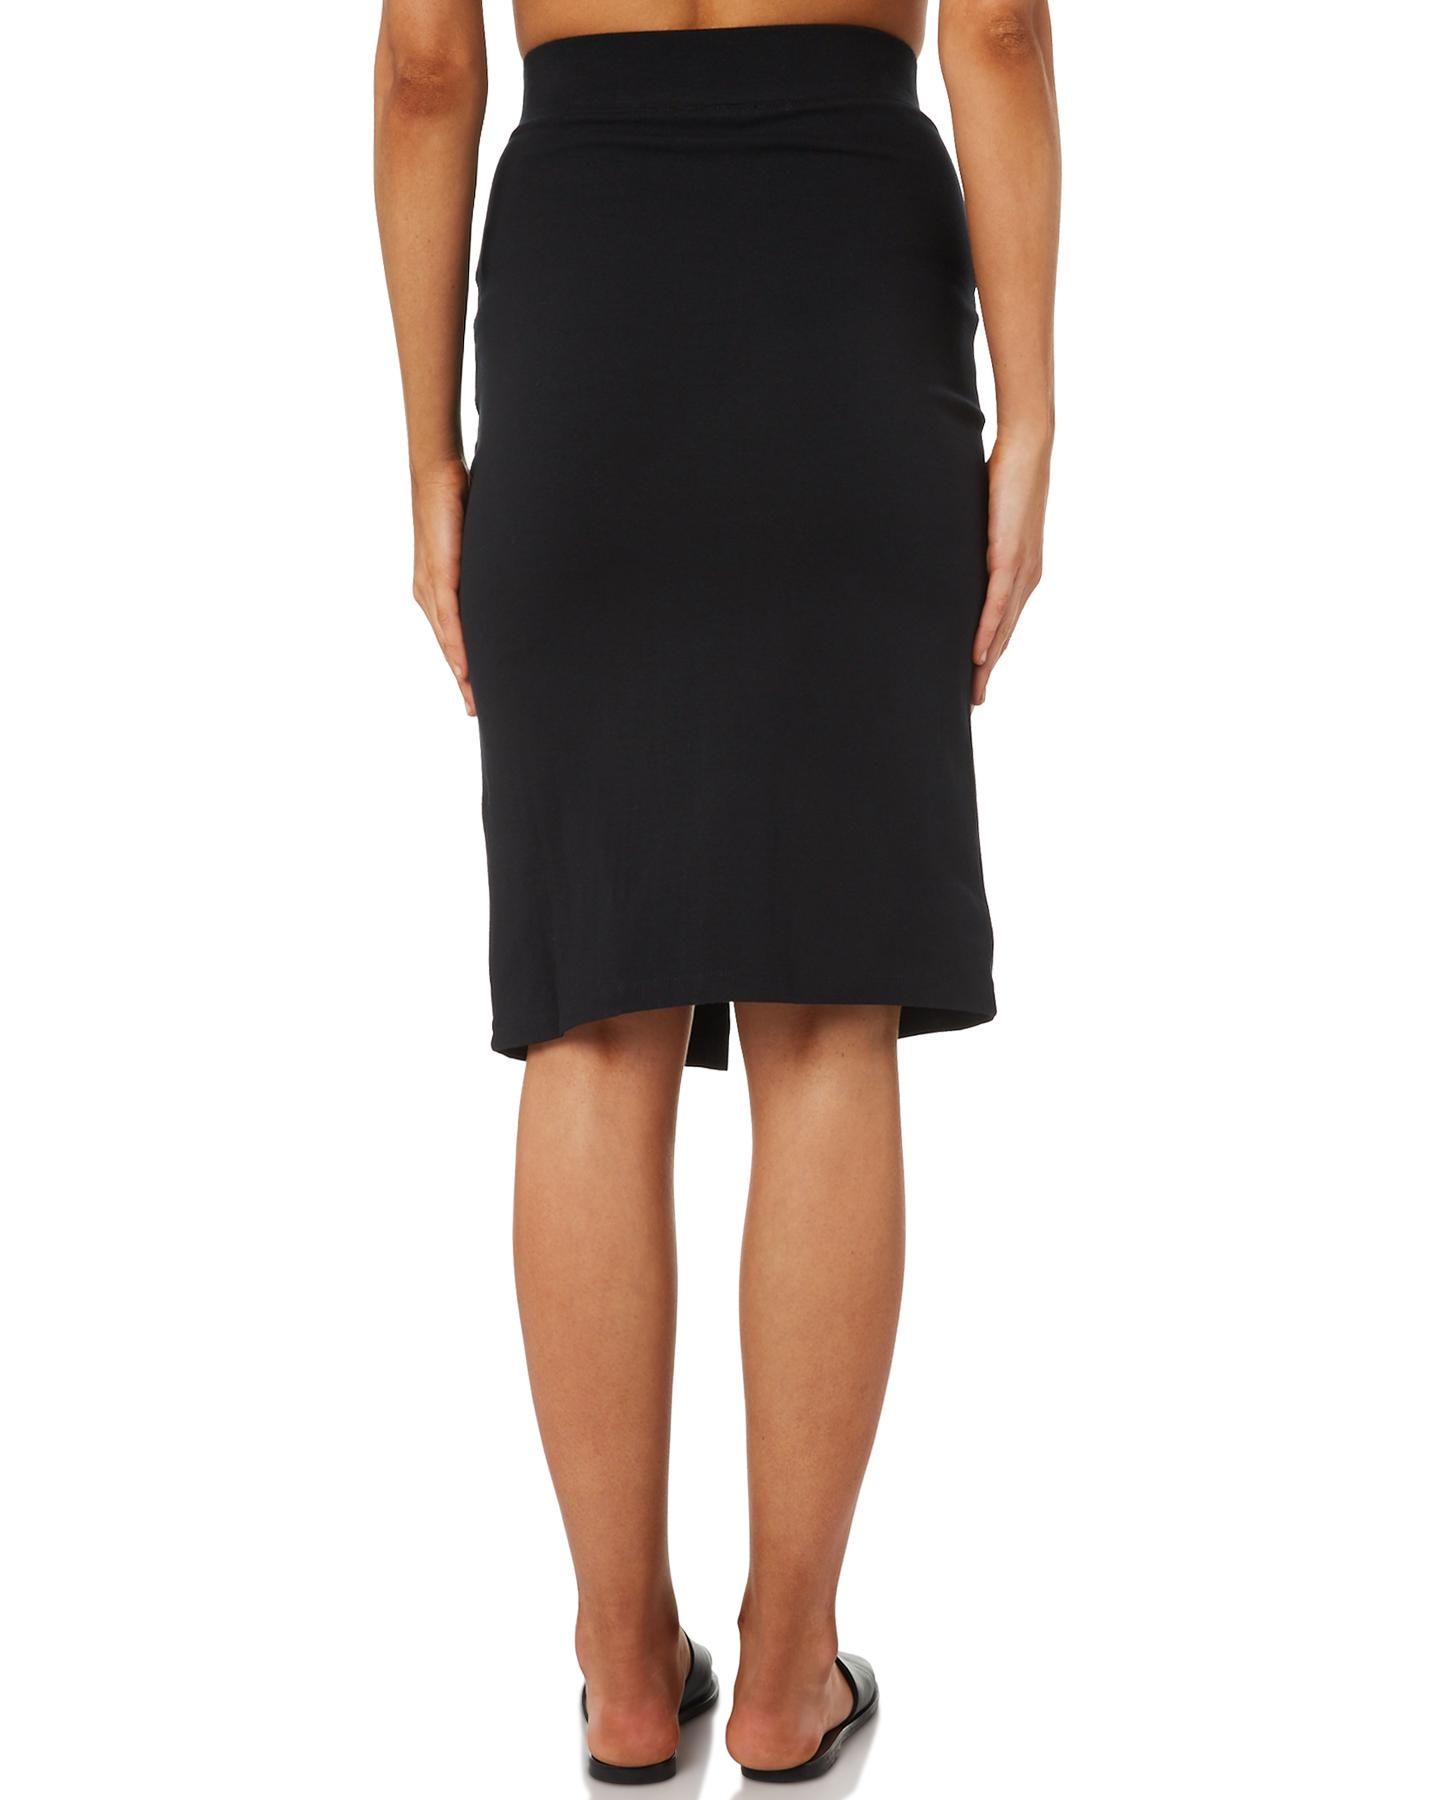 New-Betty-Basics-Women-039-s-Kristen-Skirt-Cotton-Elastane-Grey